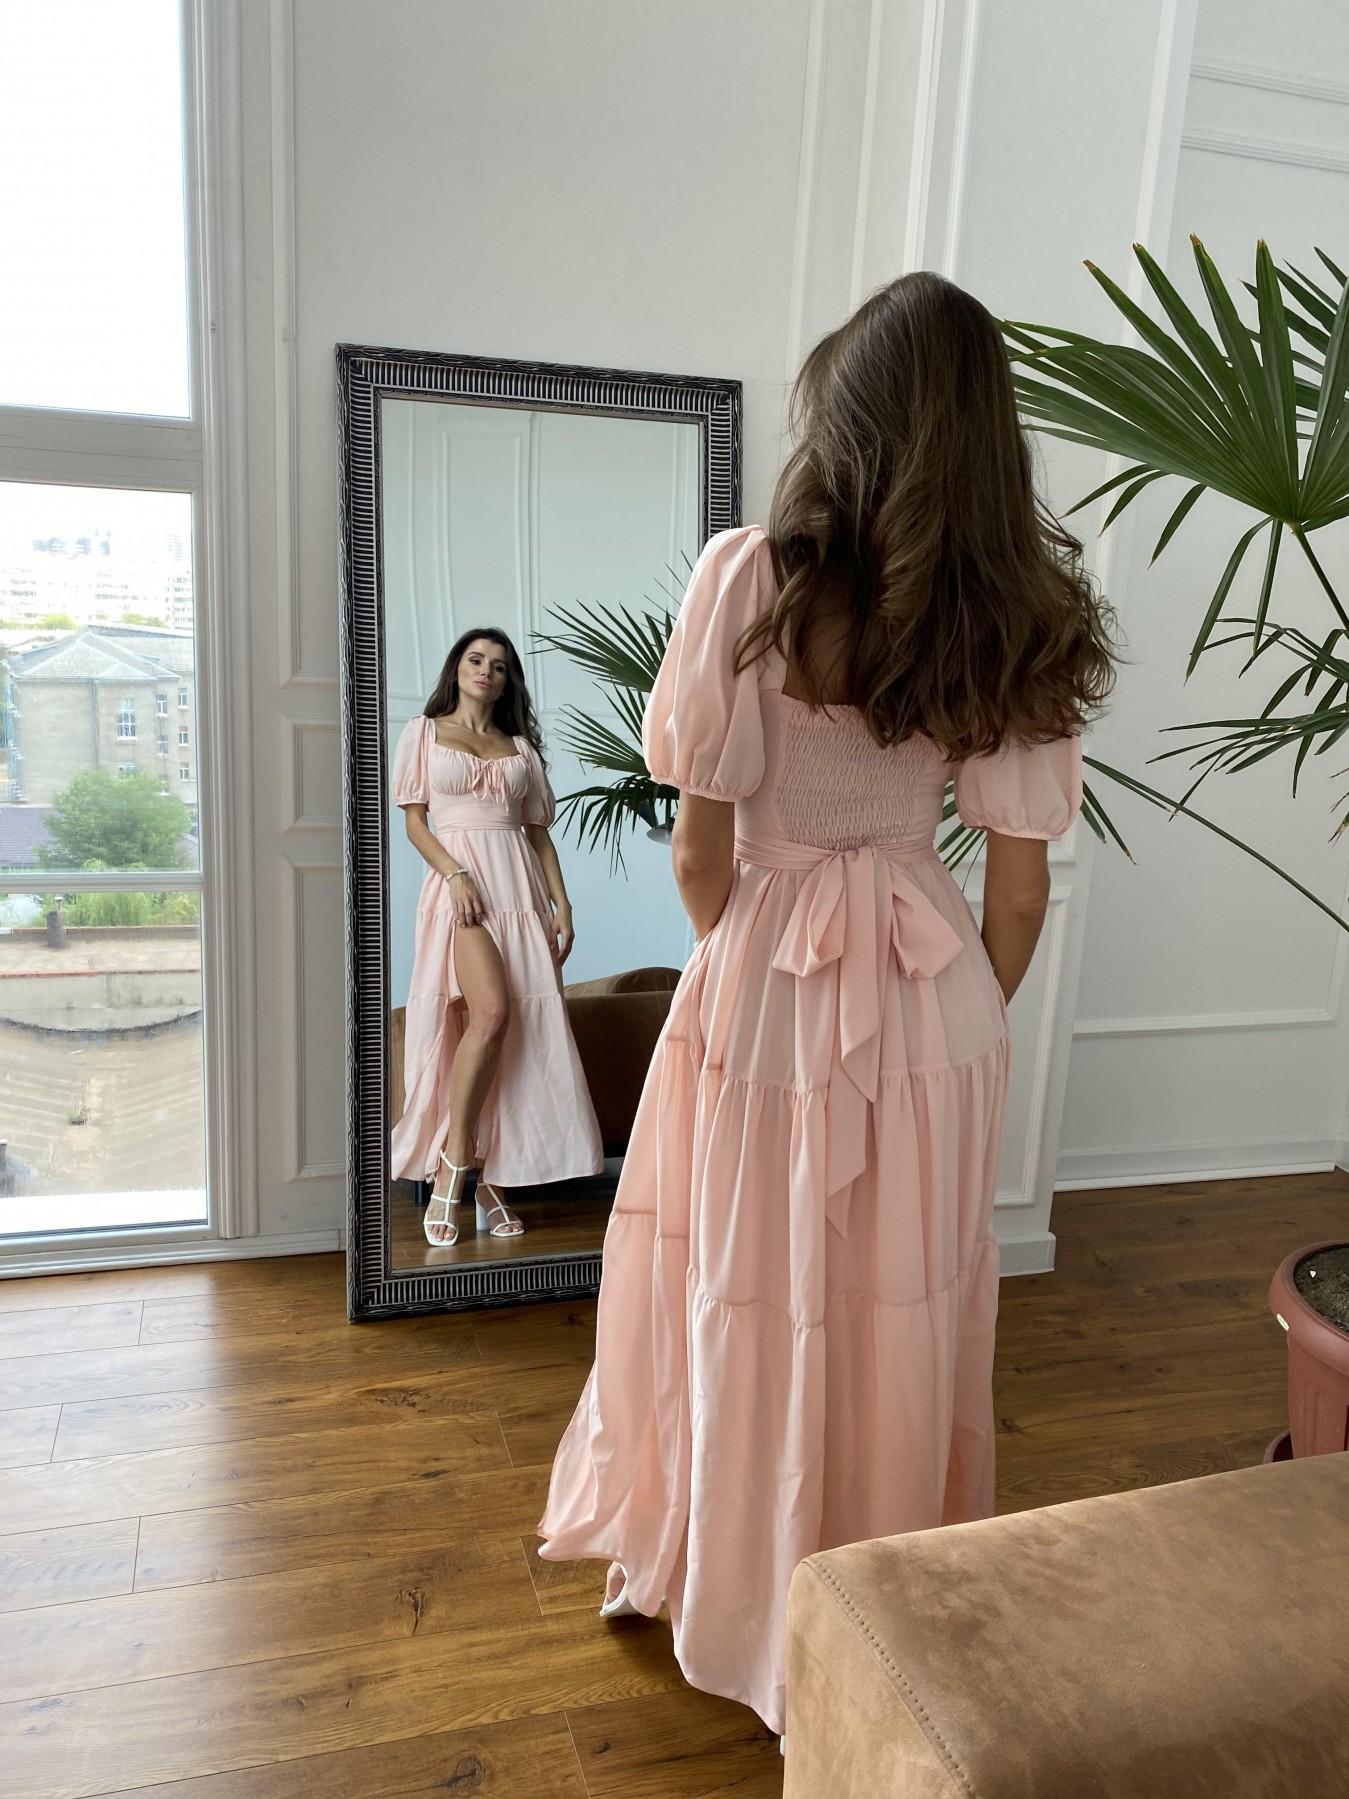 Сейшелы платье креп шифон 11519 АРТ. 48201 Цвет: Персик 17 - фото 5, интернет магазин tm-modus.ru